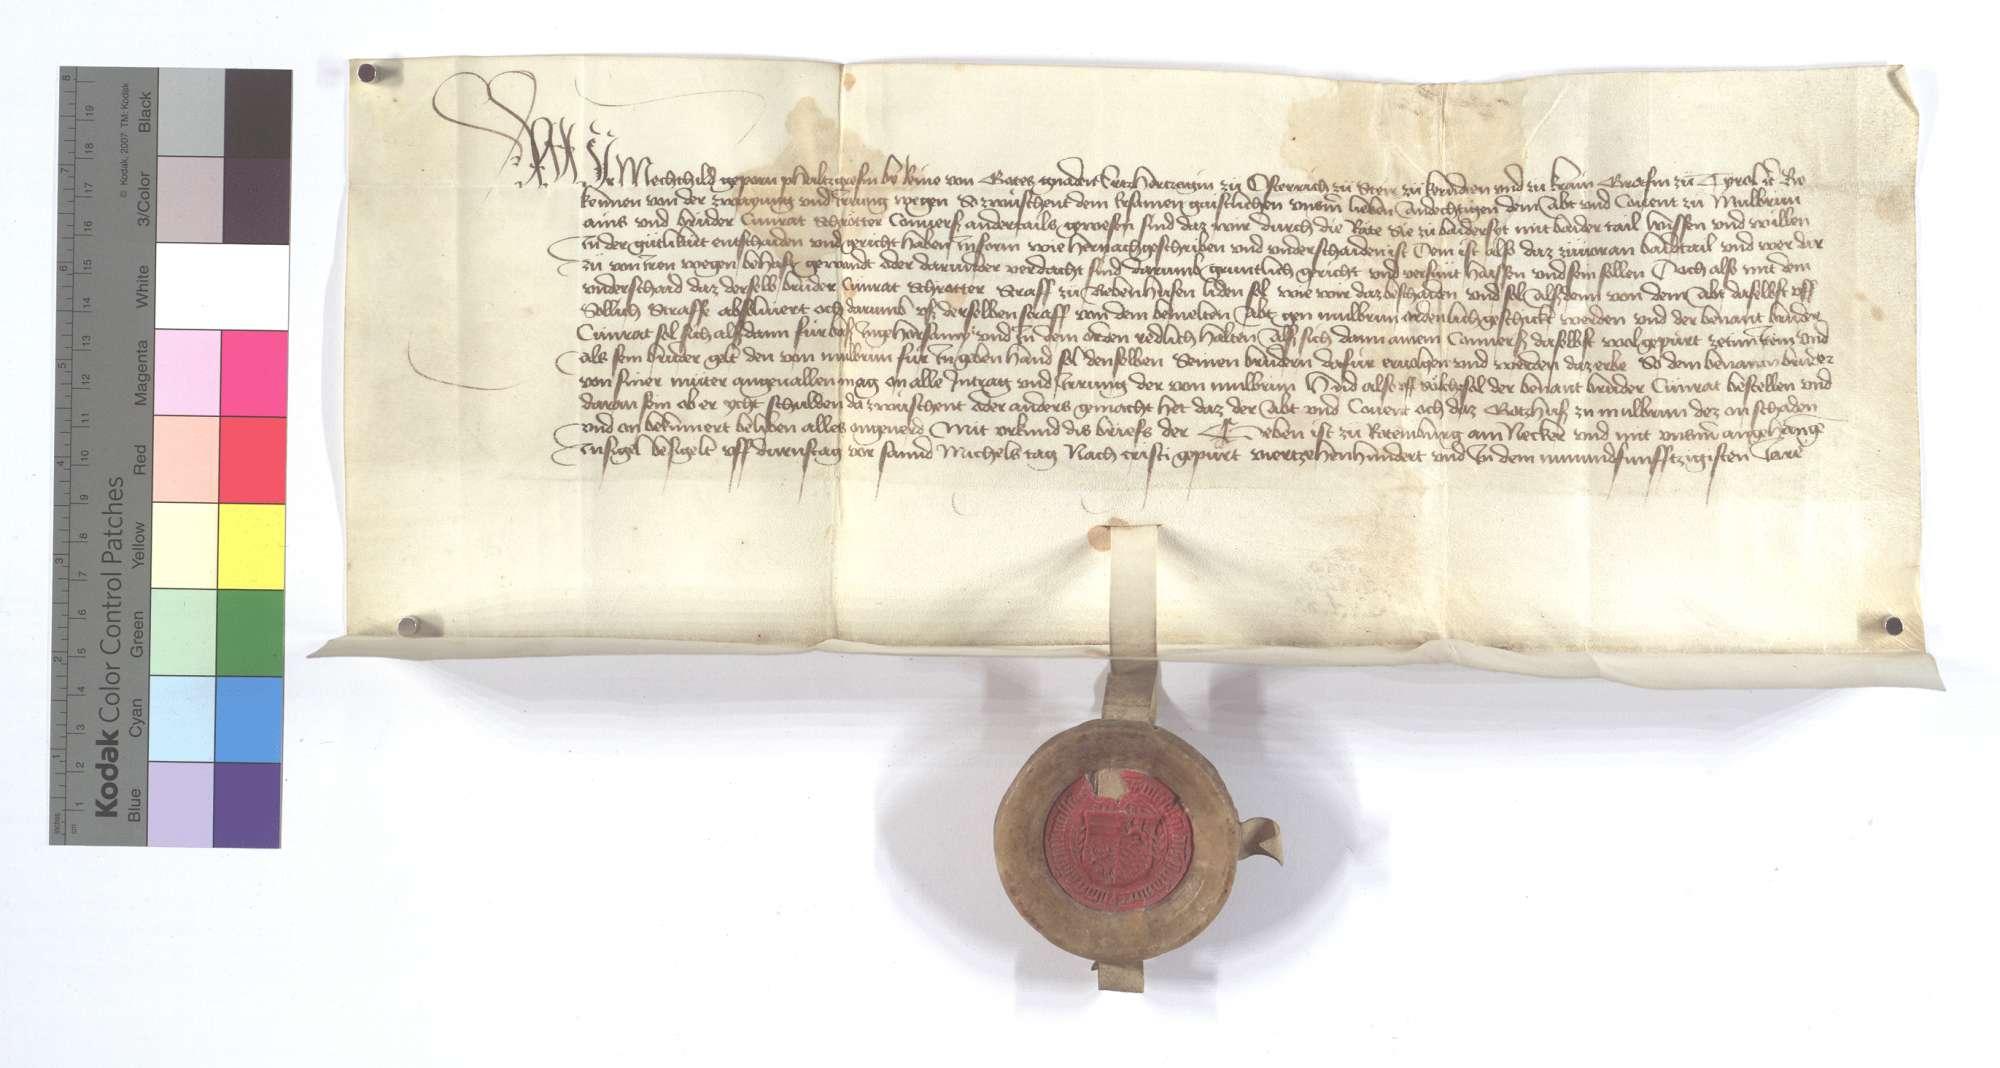 Vereinbarung (Richtung) zwischen dem Kloster Maulbronn und Conrad Schroeter, einem Conversen desselben [Klosters], wegen dessen Bestrafung., Text